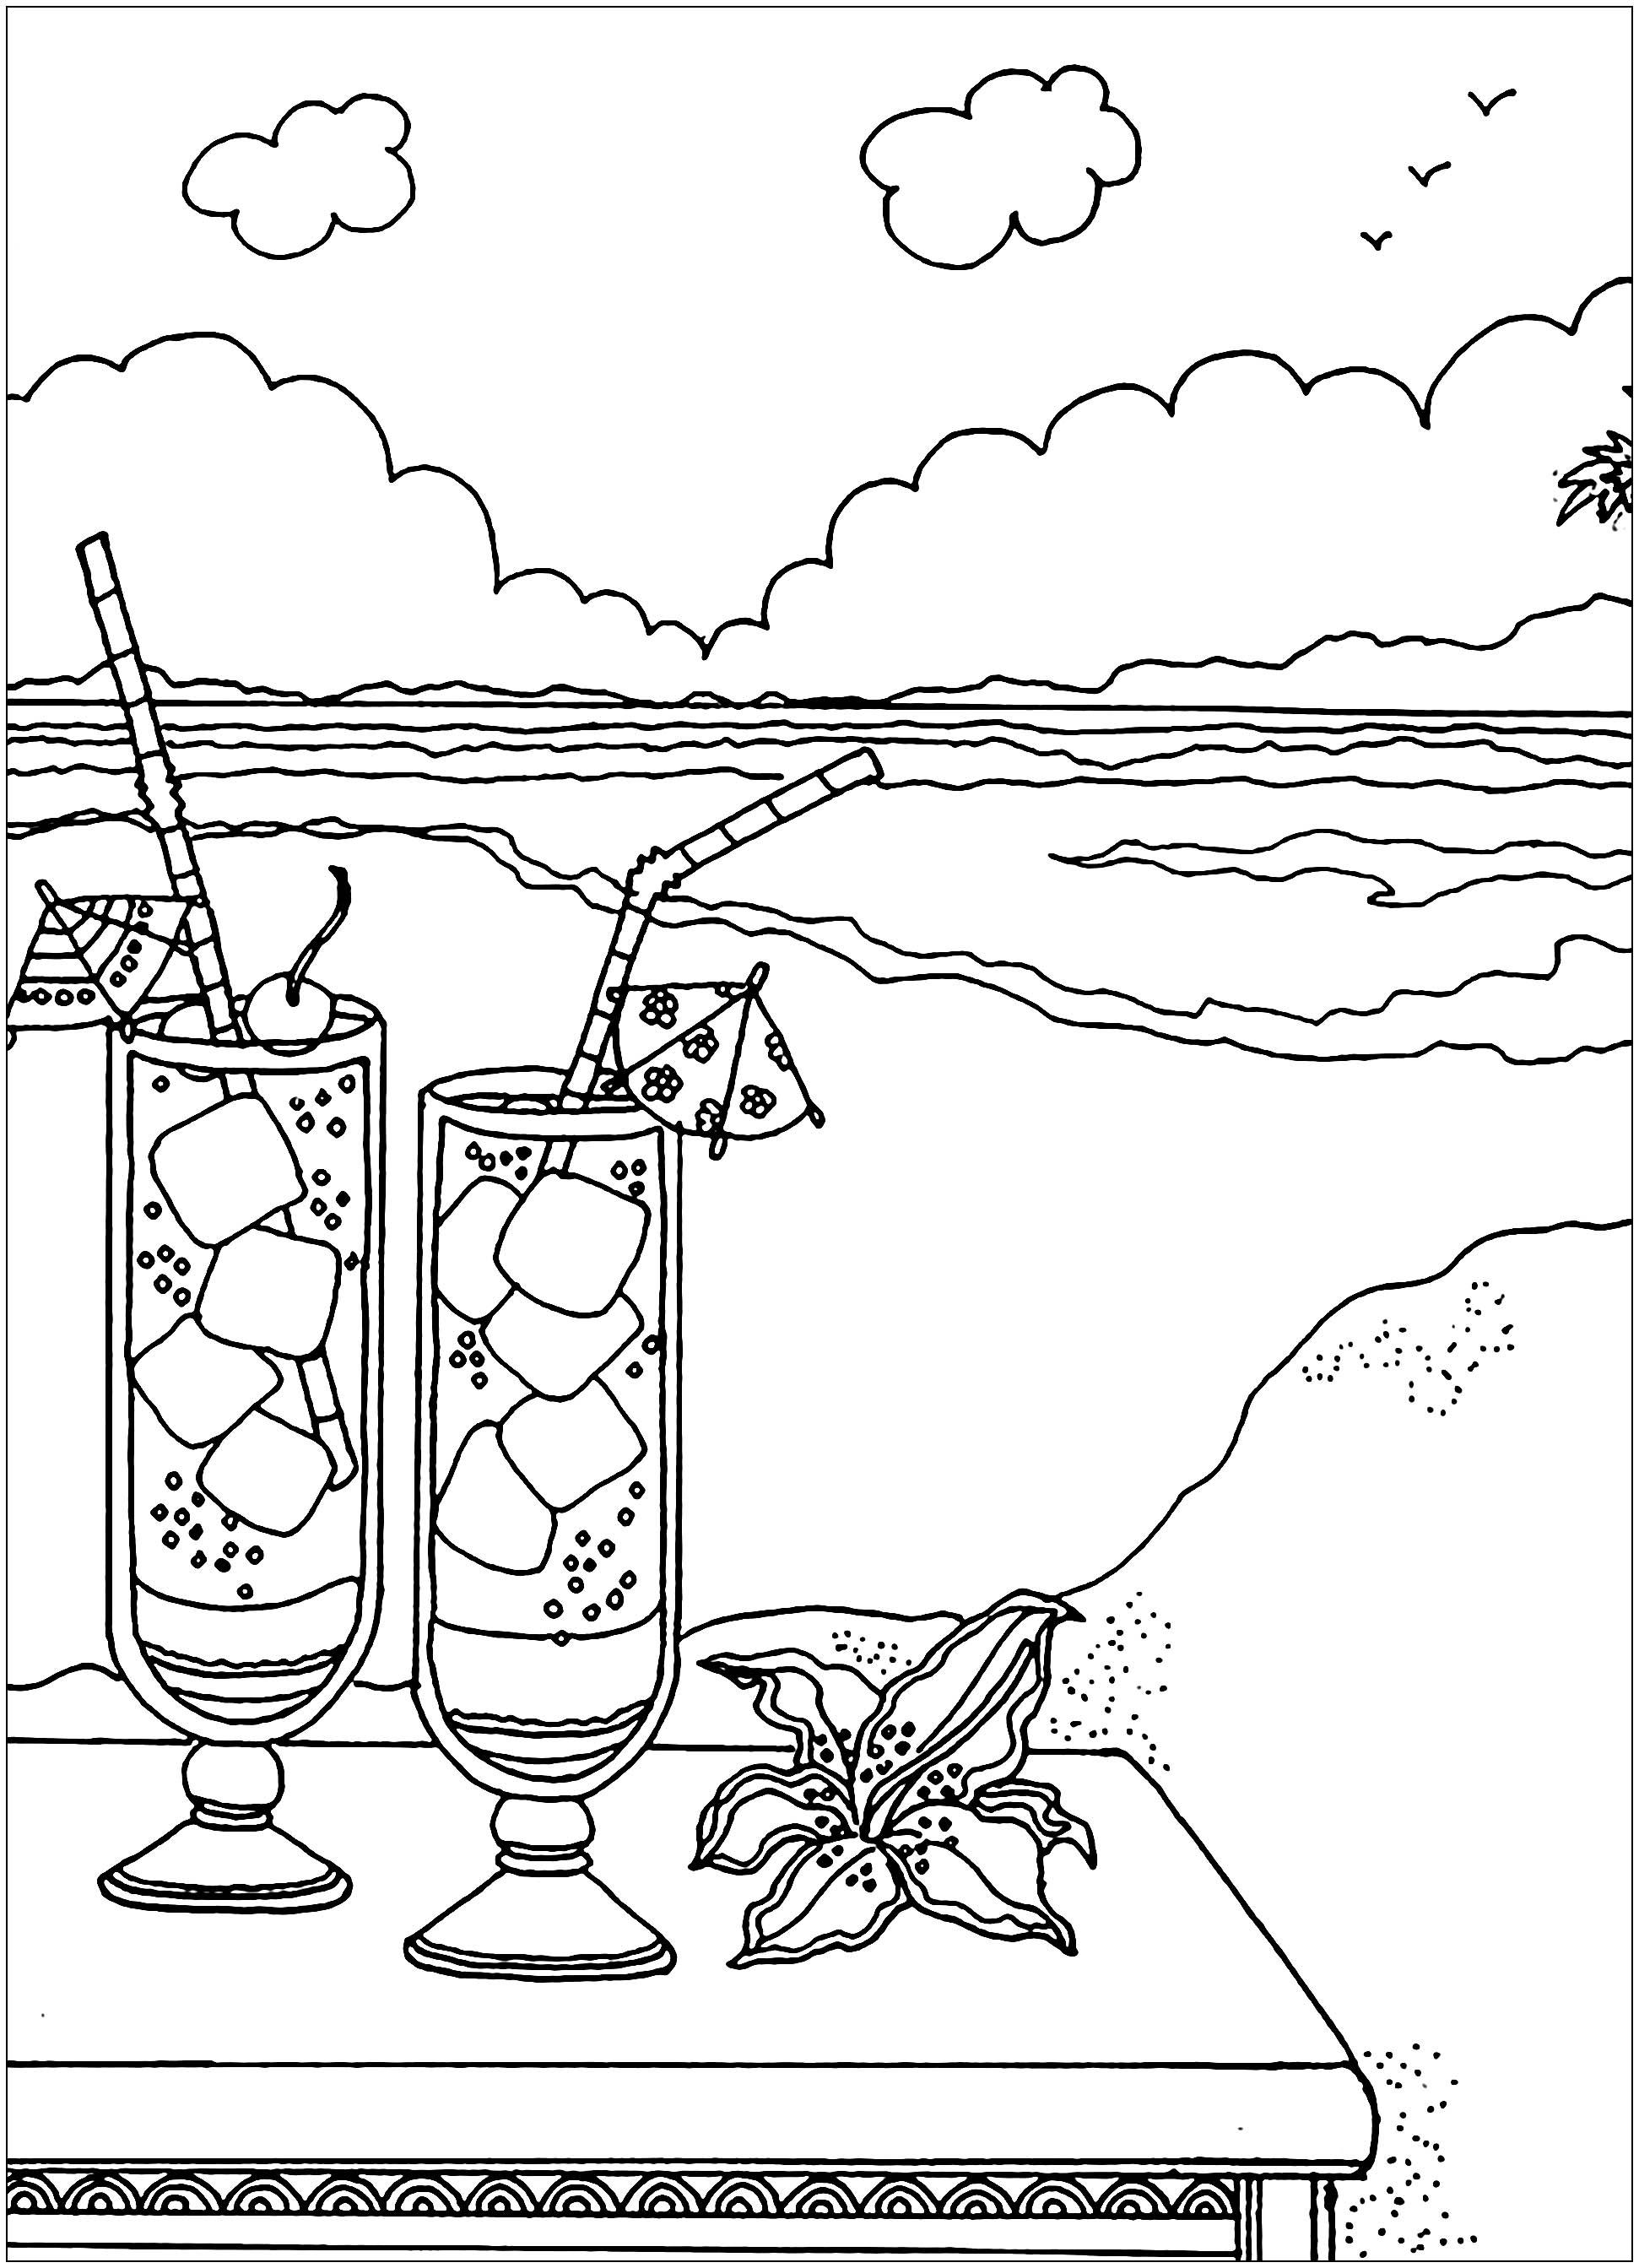 Avez-vous envie de boire ces cocktails sur la plage ?